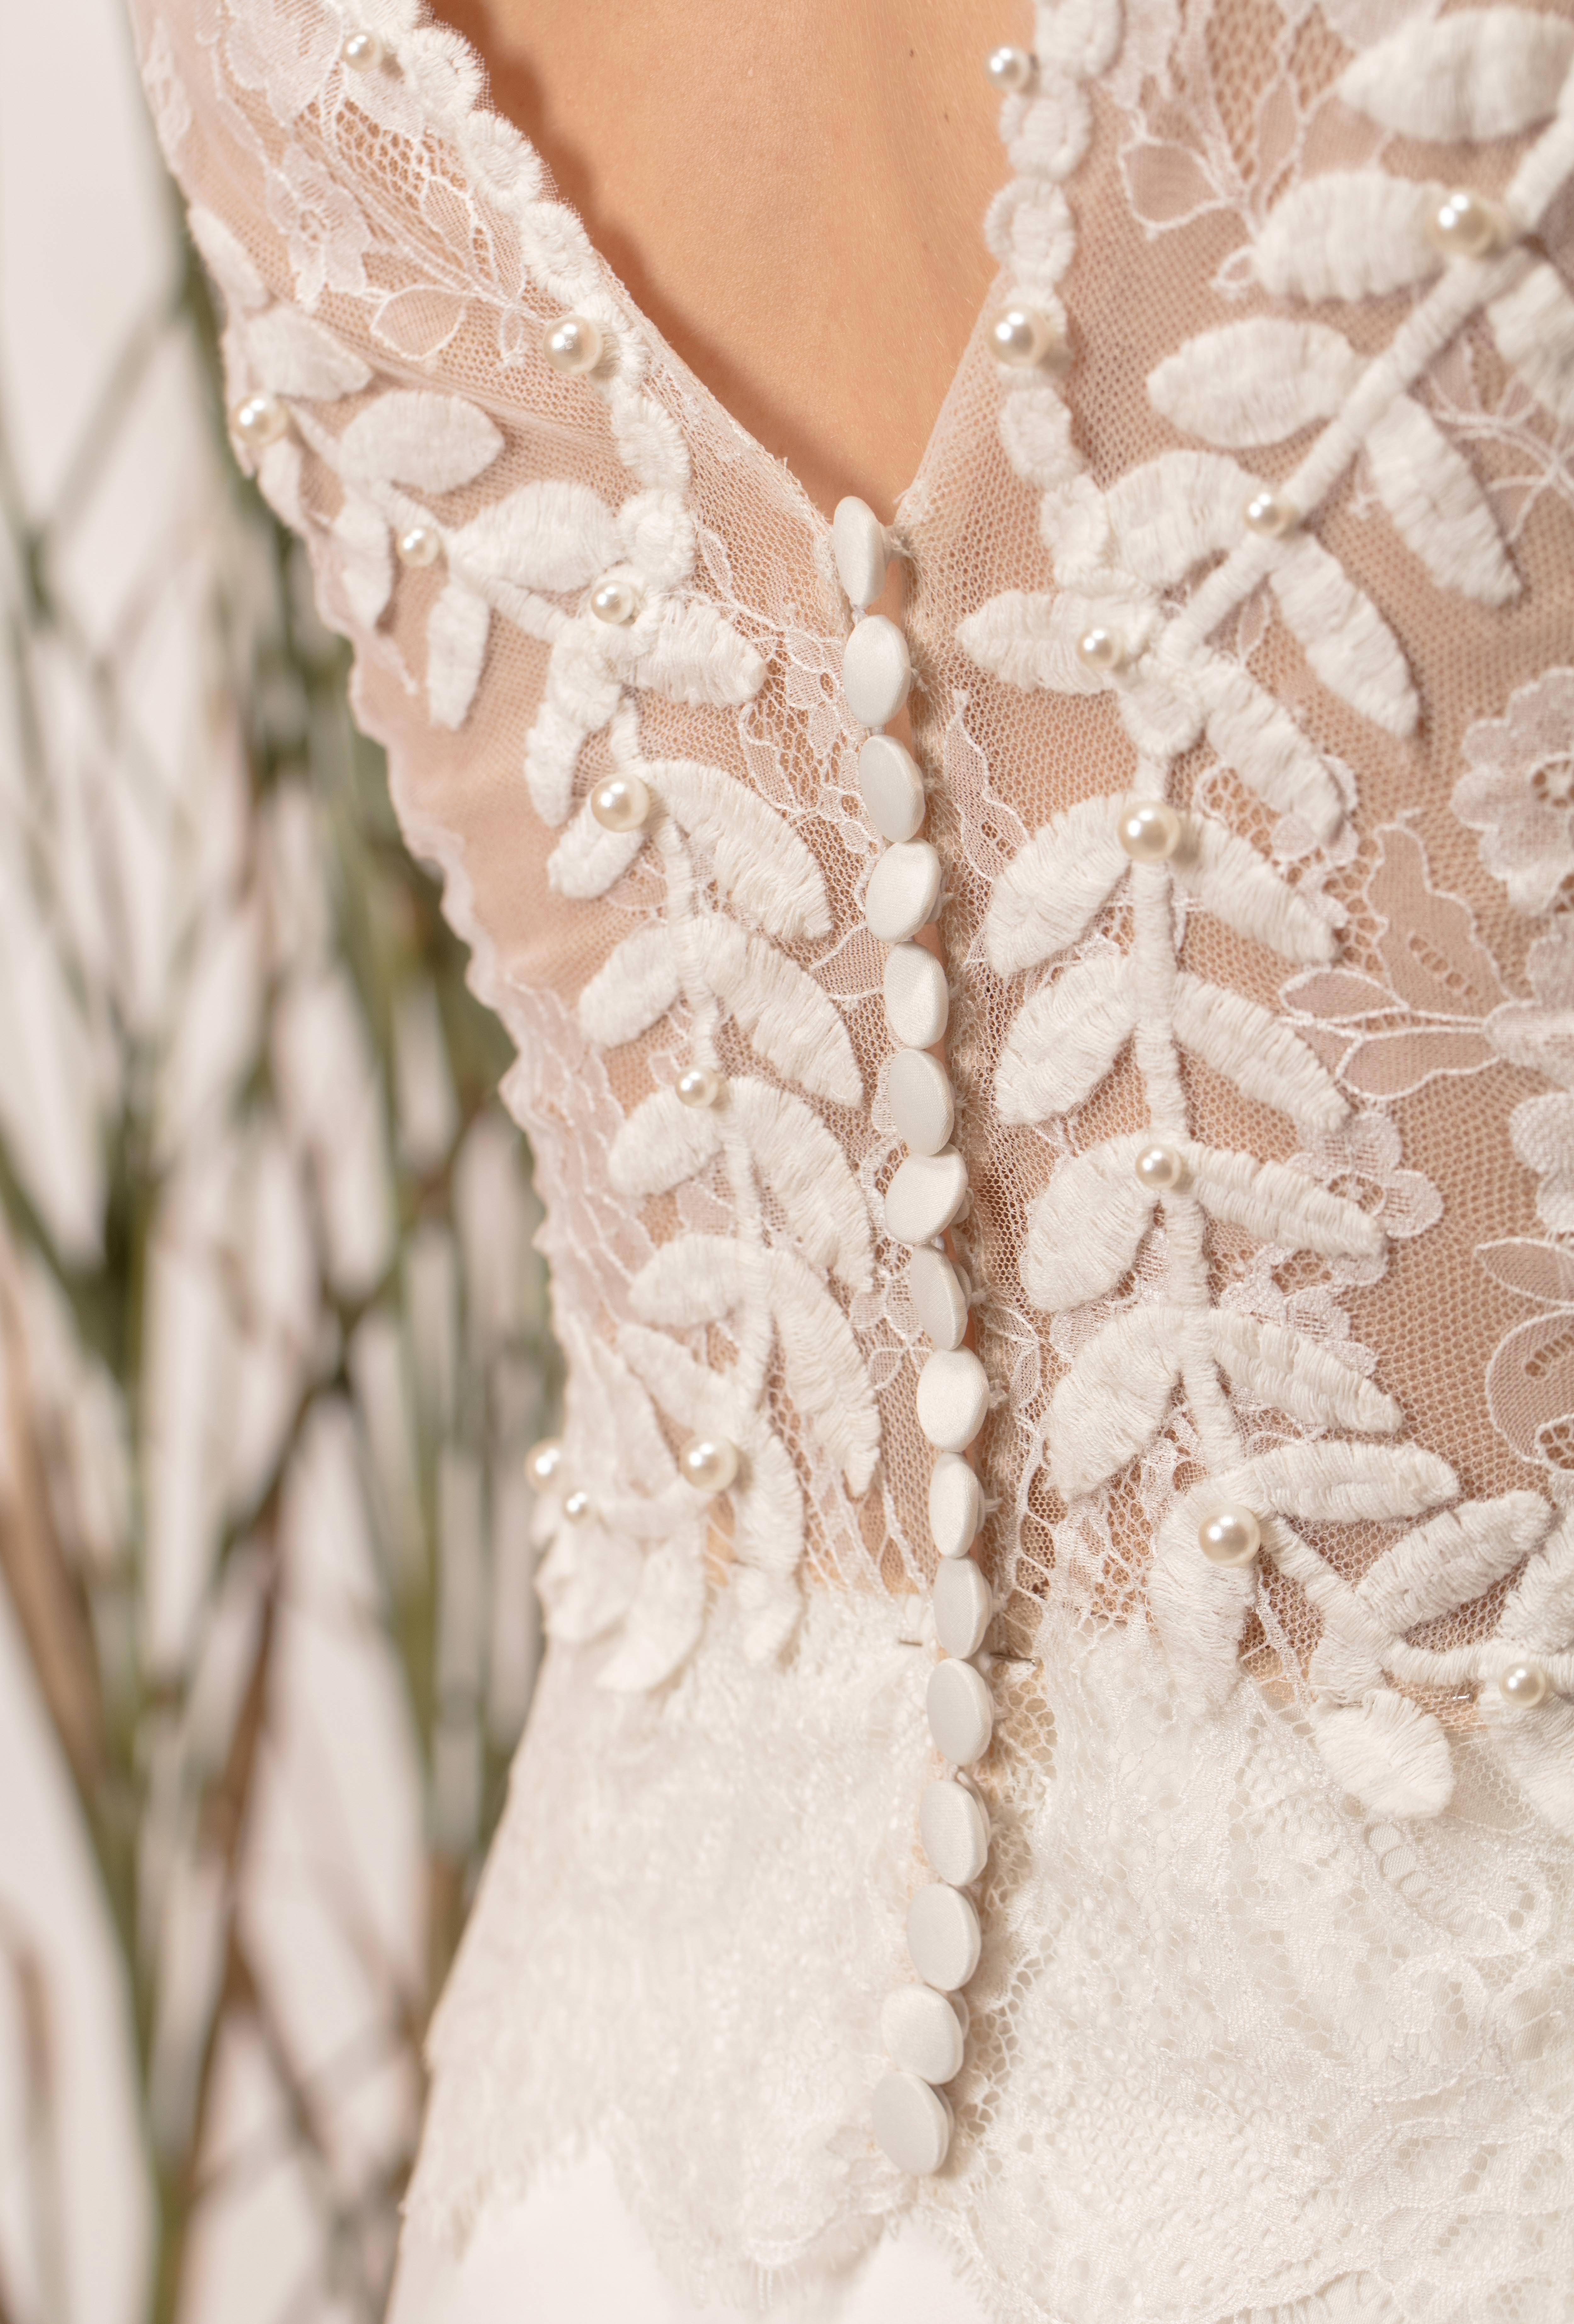 Menyasszonyi ruha gombok, csipke és gyöngyök